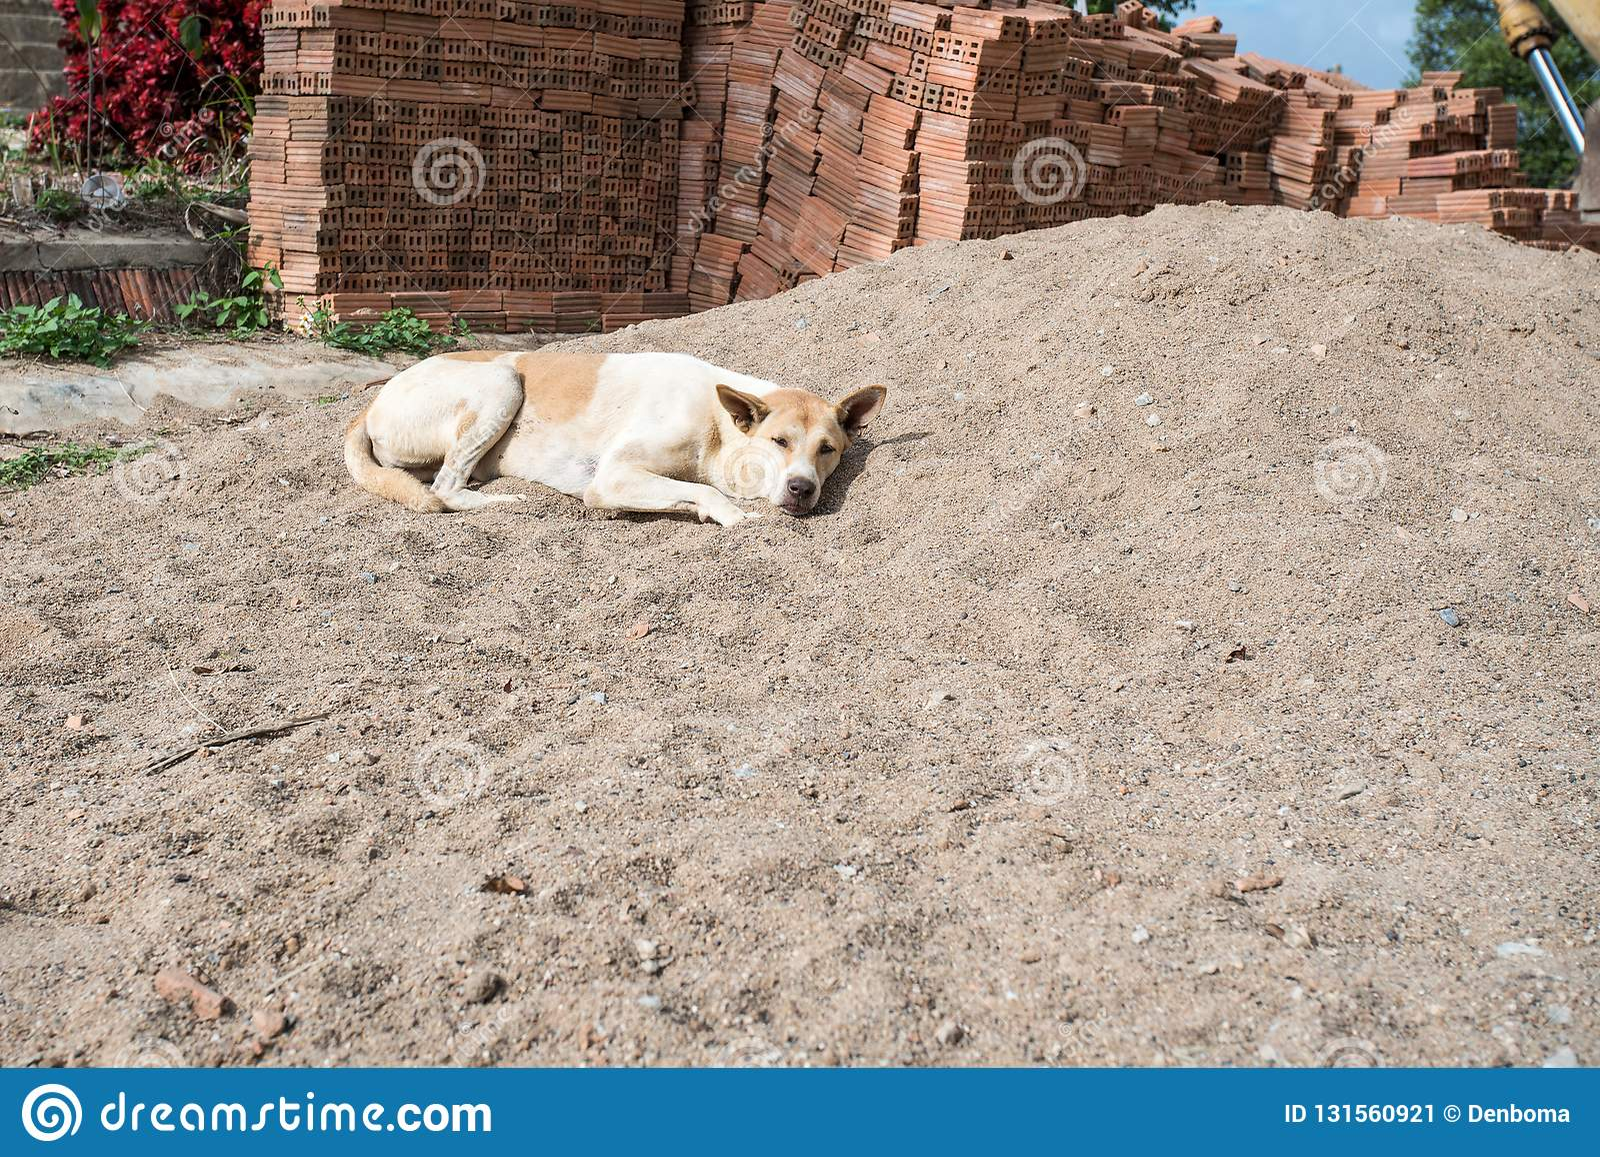 Cane da riposare al sole